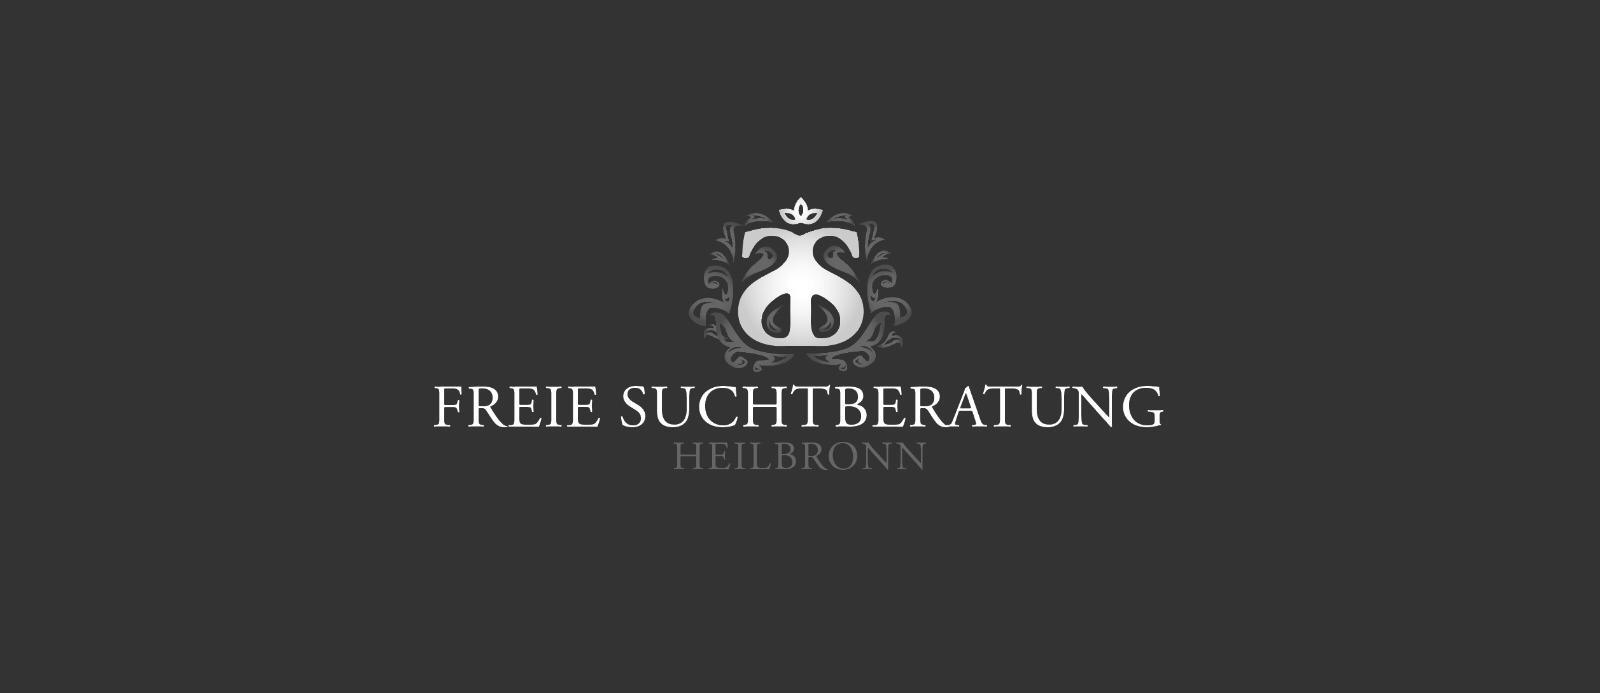 Freie Suchtberatung Heilbronn